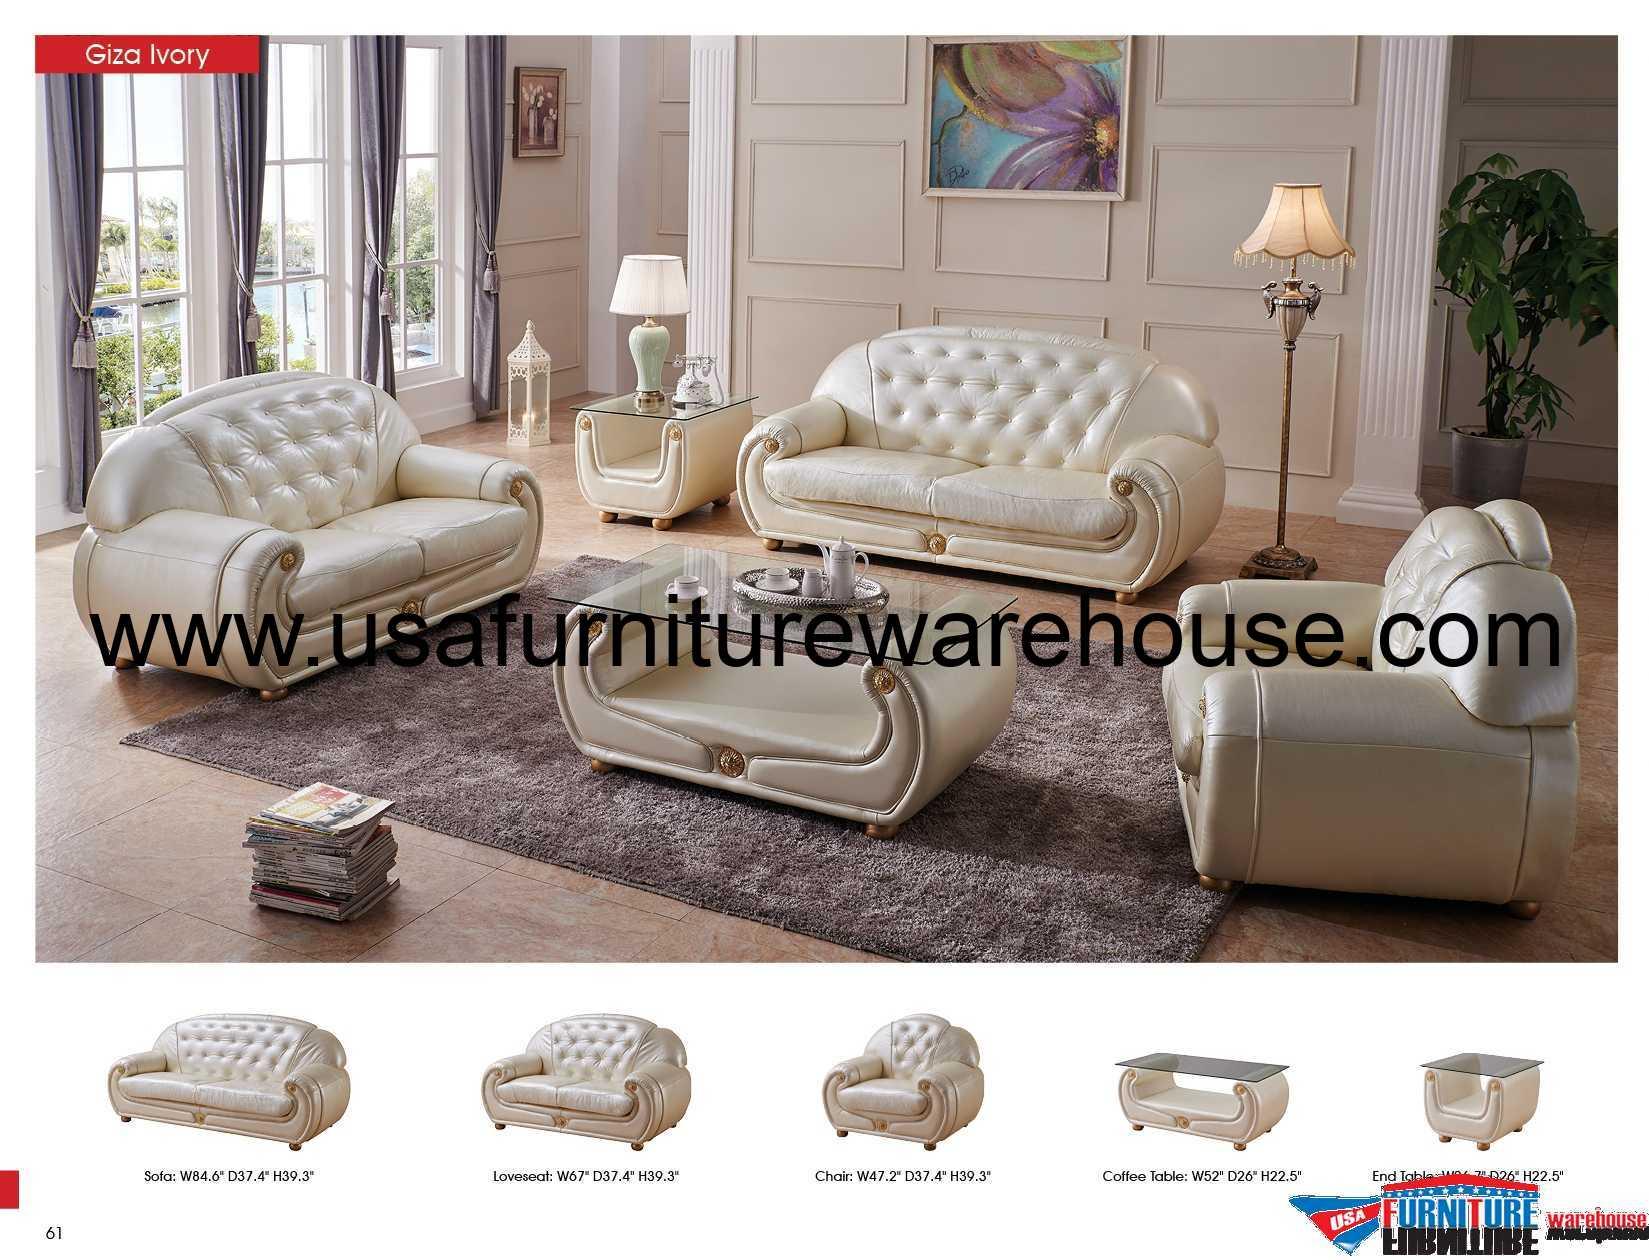 Giza Ivory Full Italian Leather Sofa Set